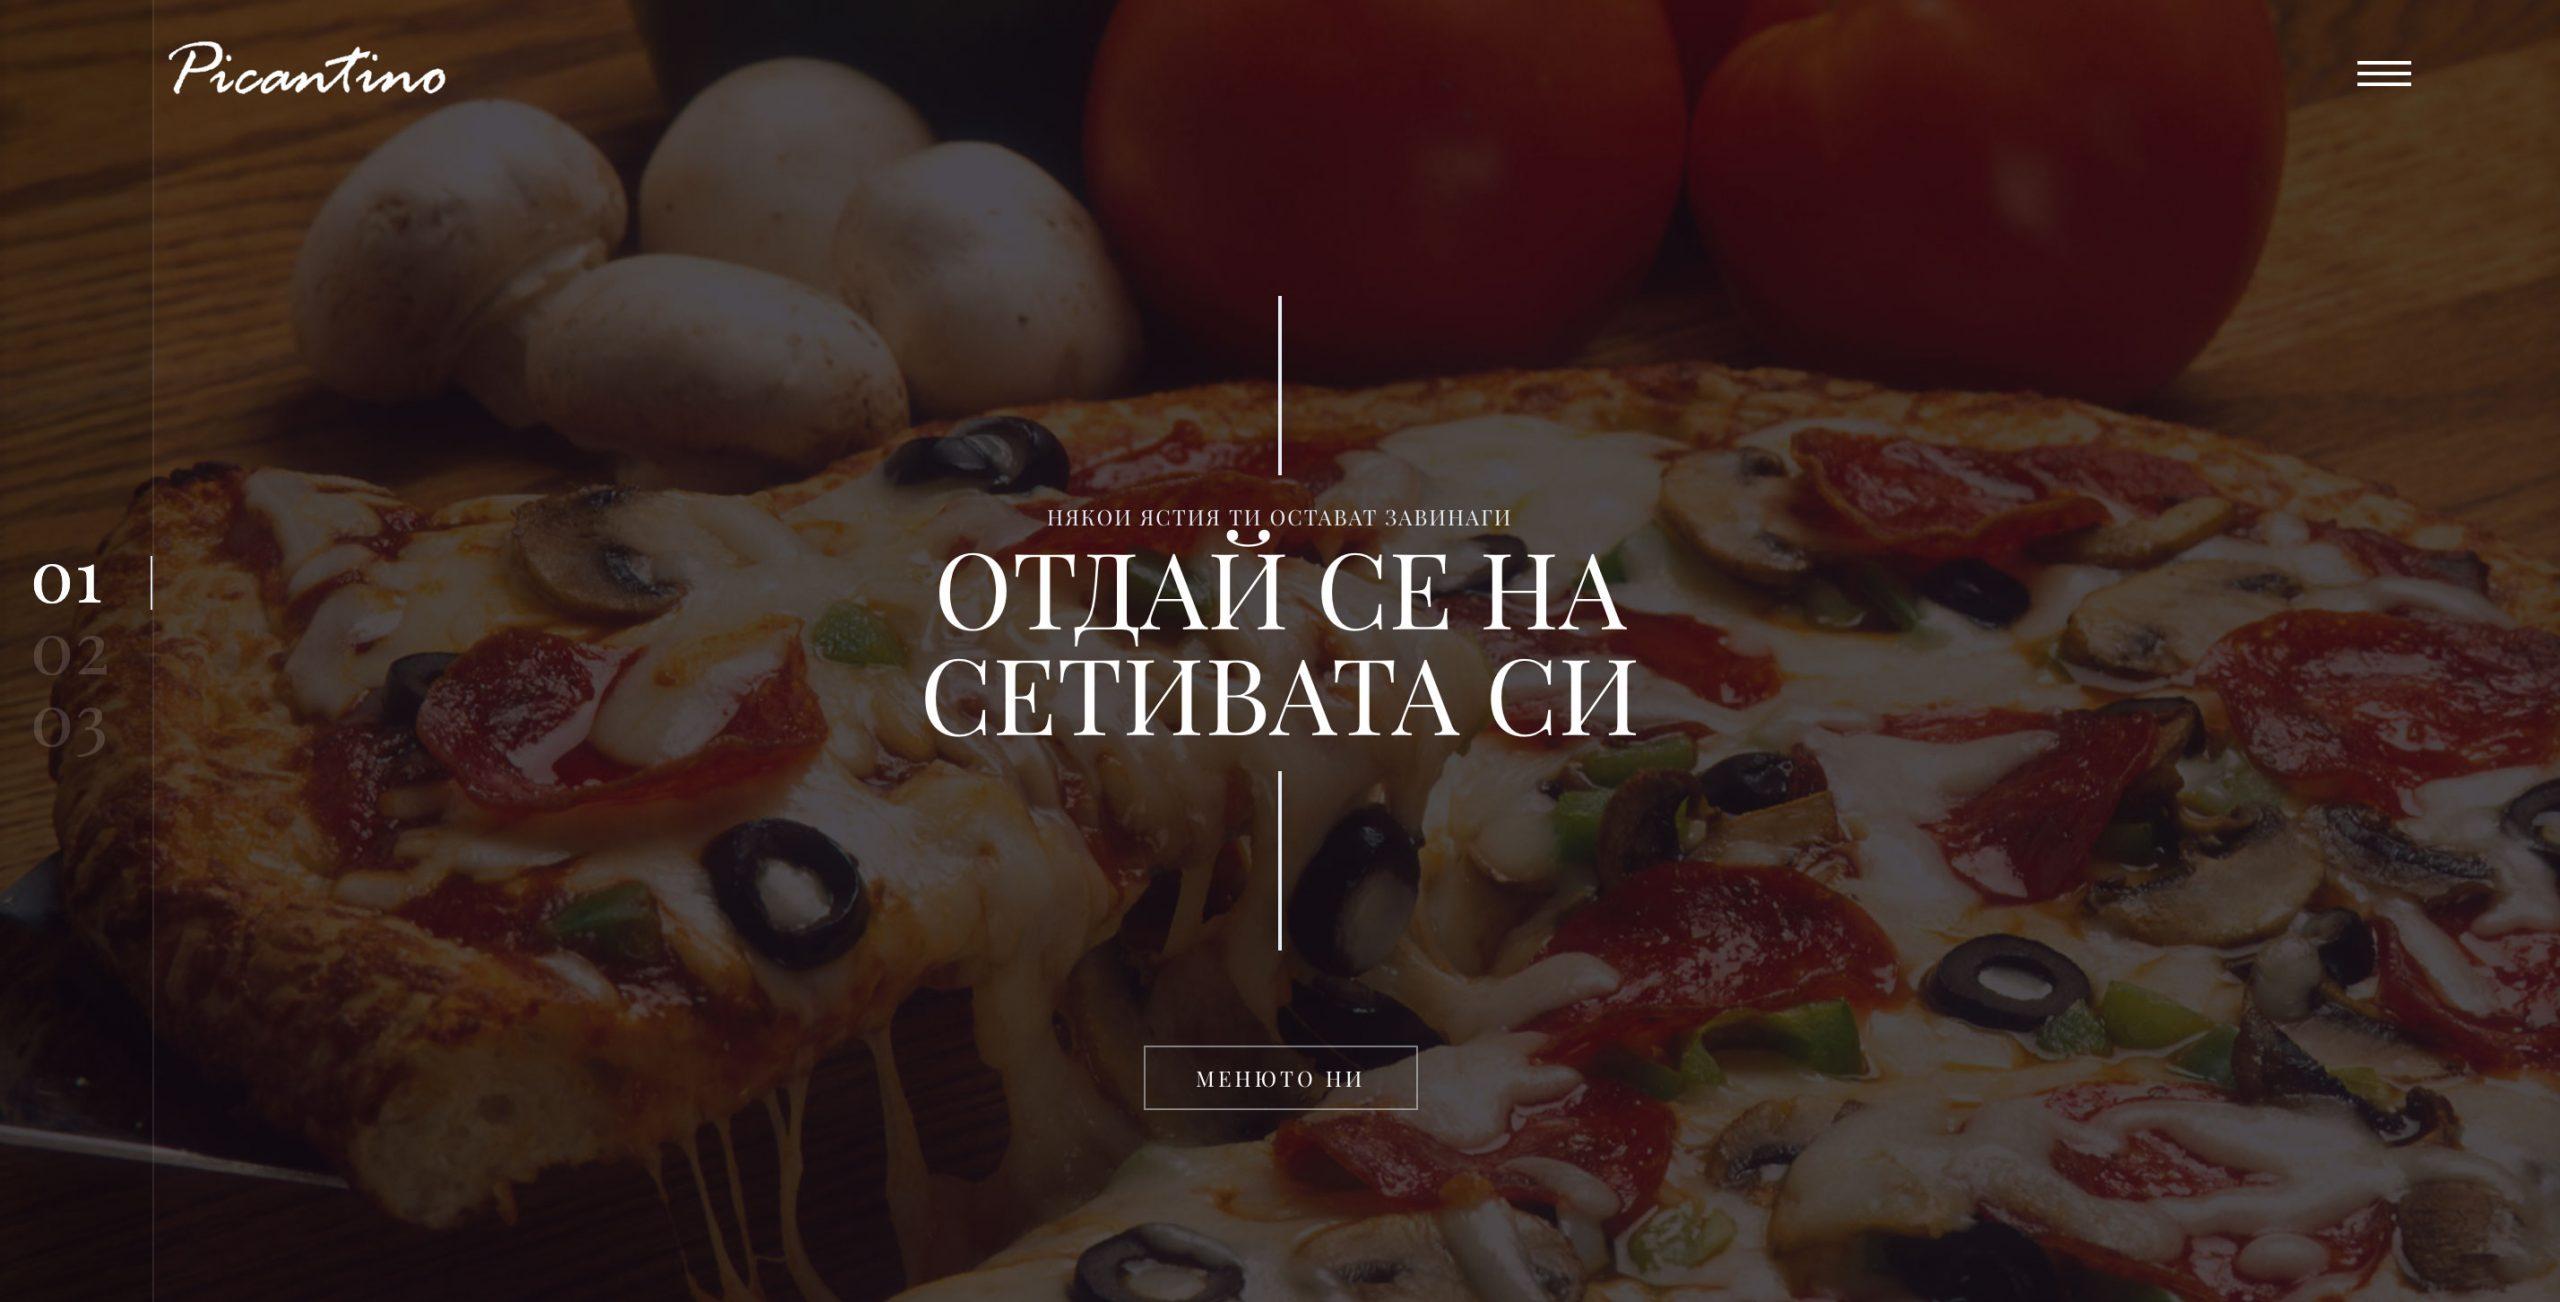 Изработка на уеб сайт за пицария Пикантино - десктоп изглед